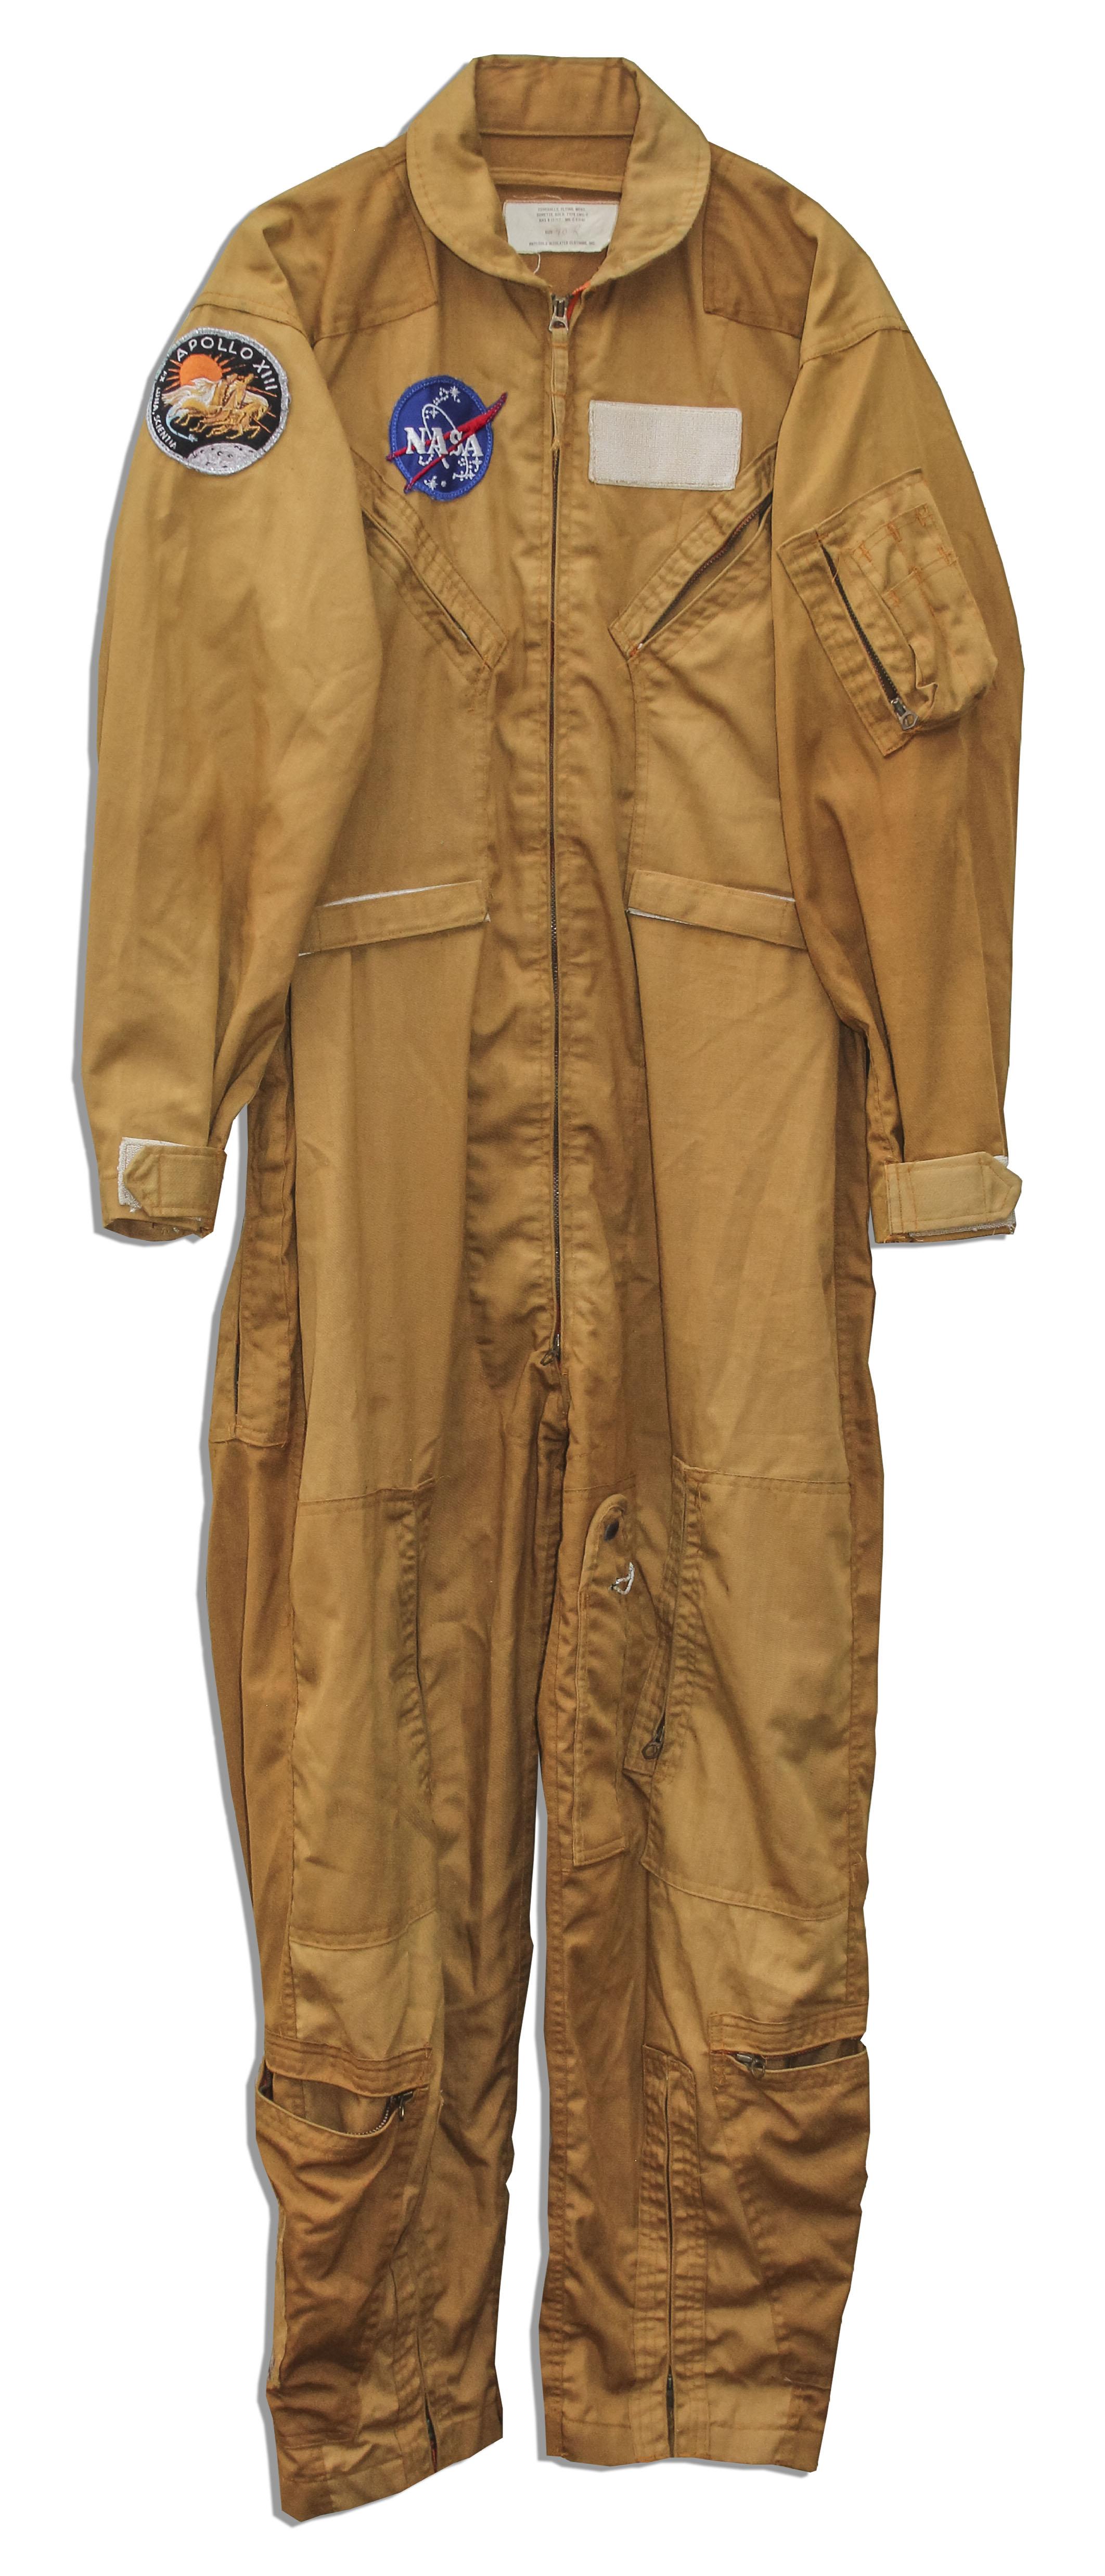 nasa astronaut flight suit - photo #31